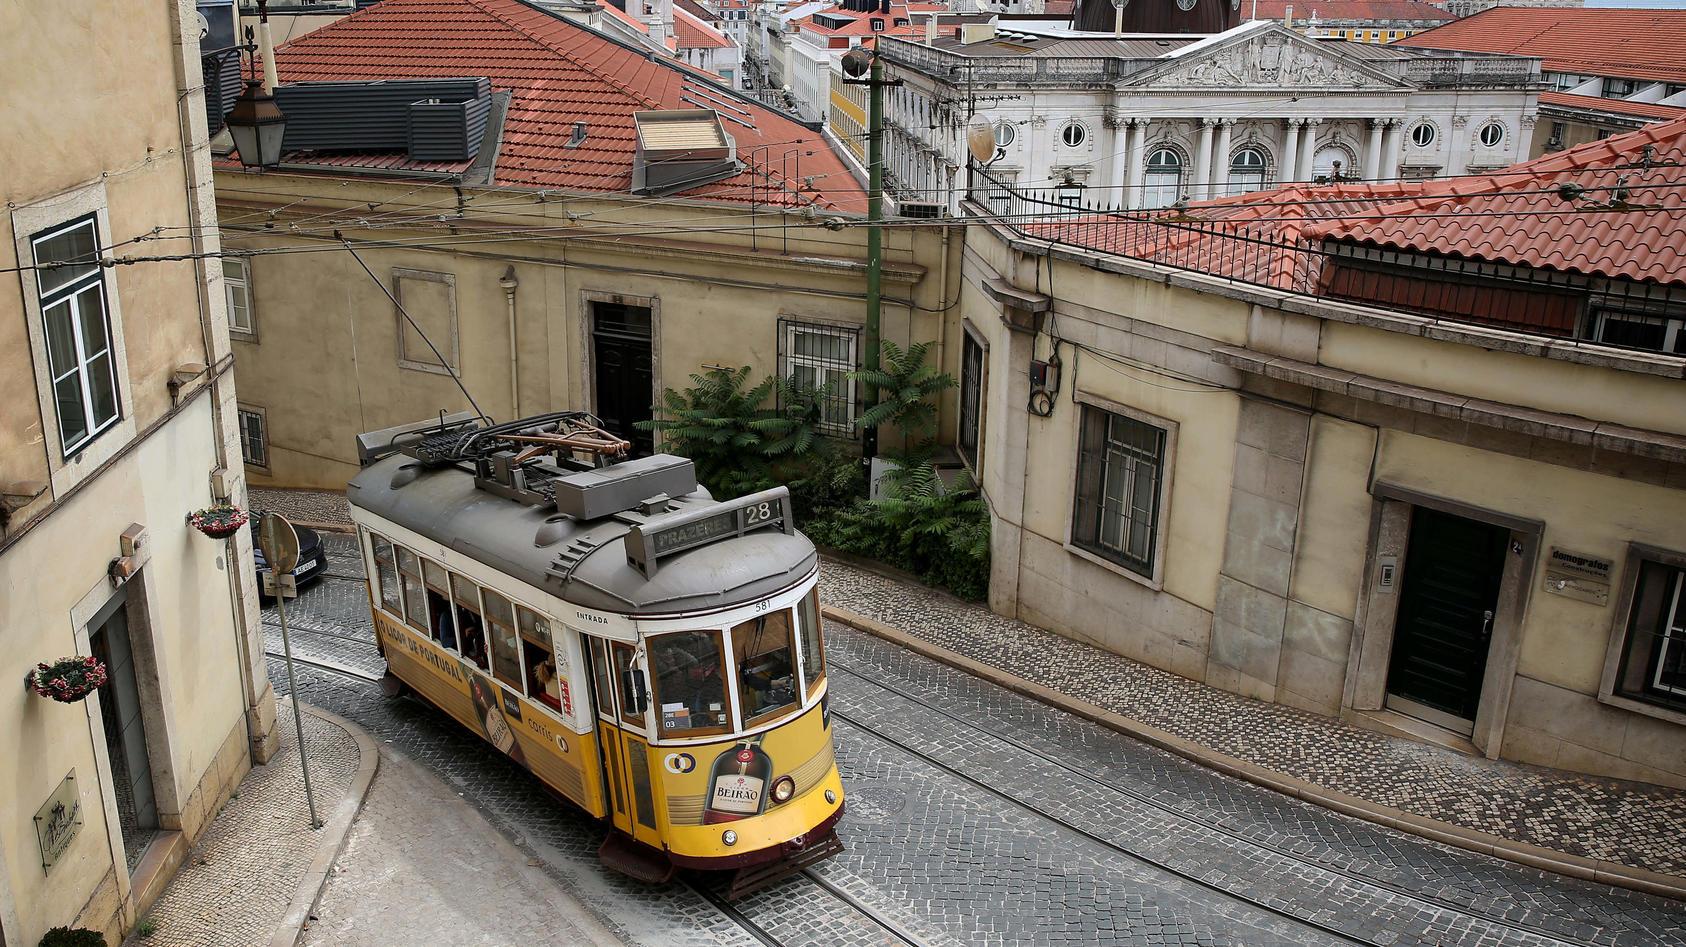 Mit der berühmten Lissabonner Straßenbahn die Stadt erkunden - im Moment eher keine gute Idee!